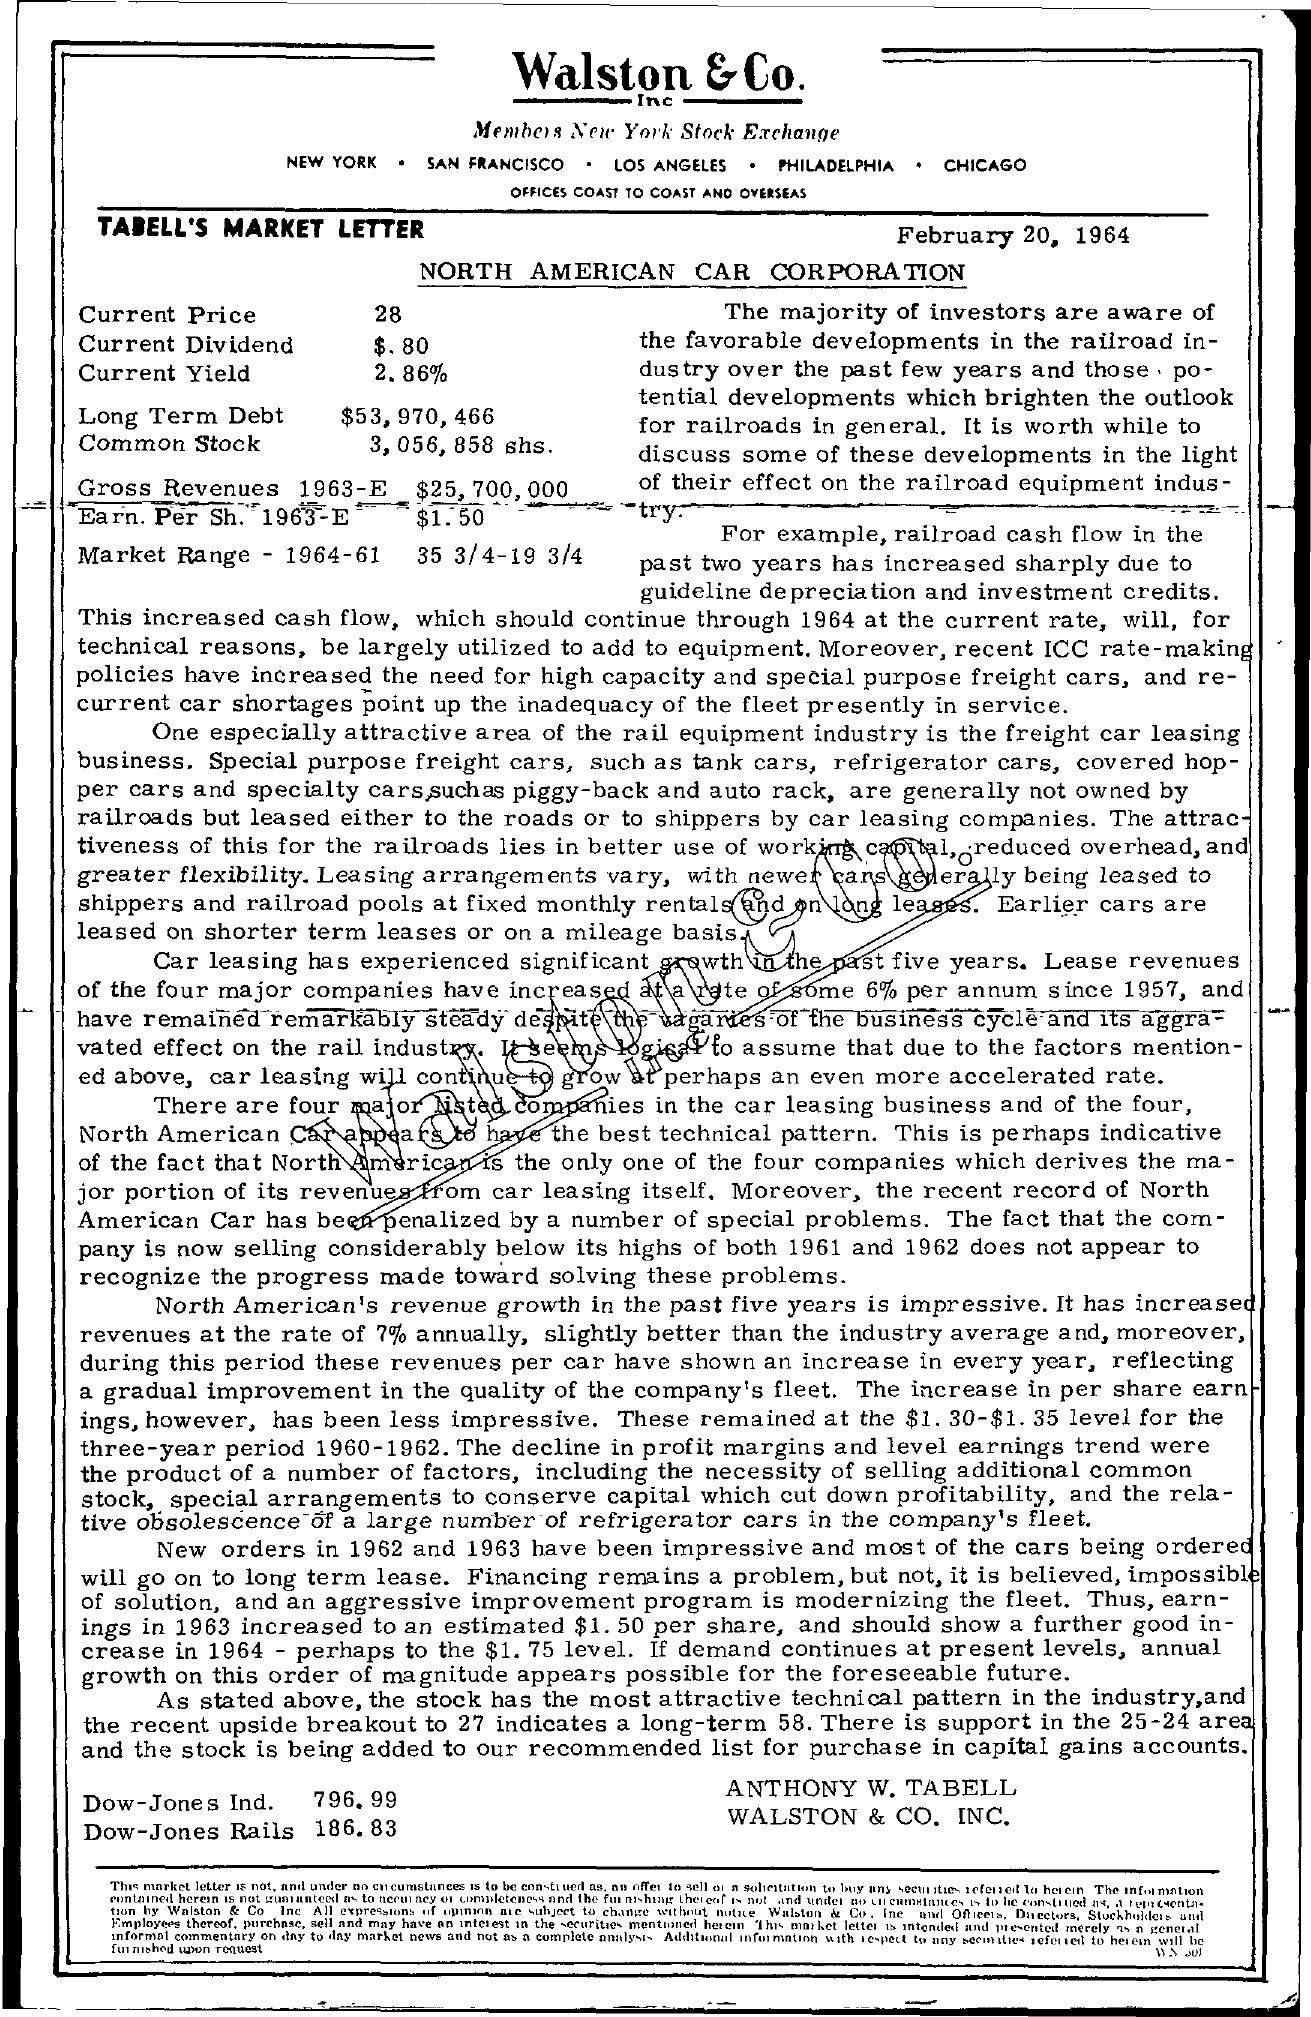 Tabell's Market Letter - February 20, 1964